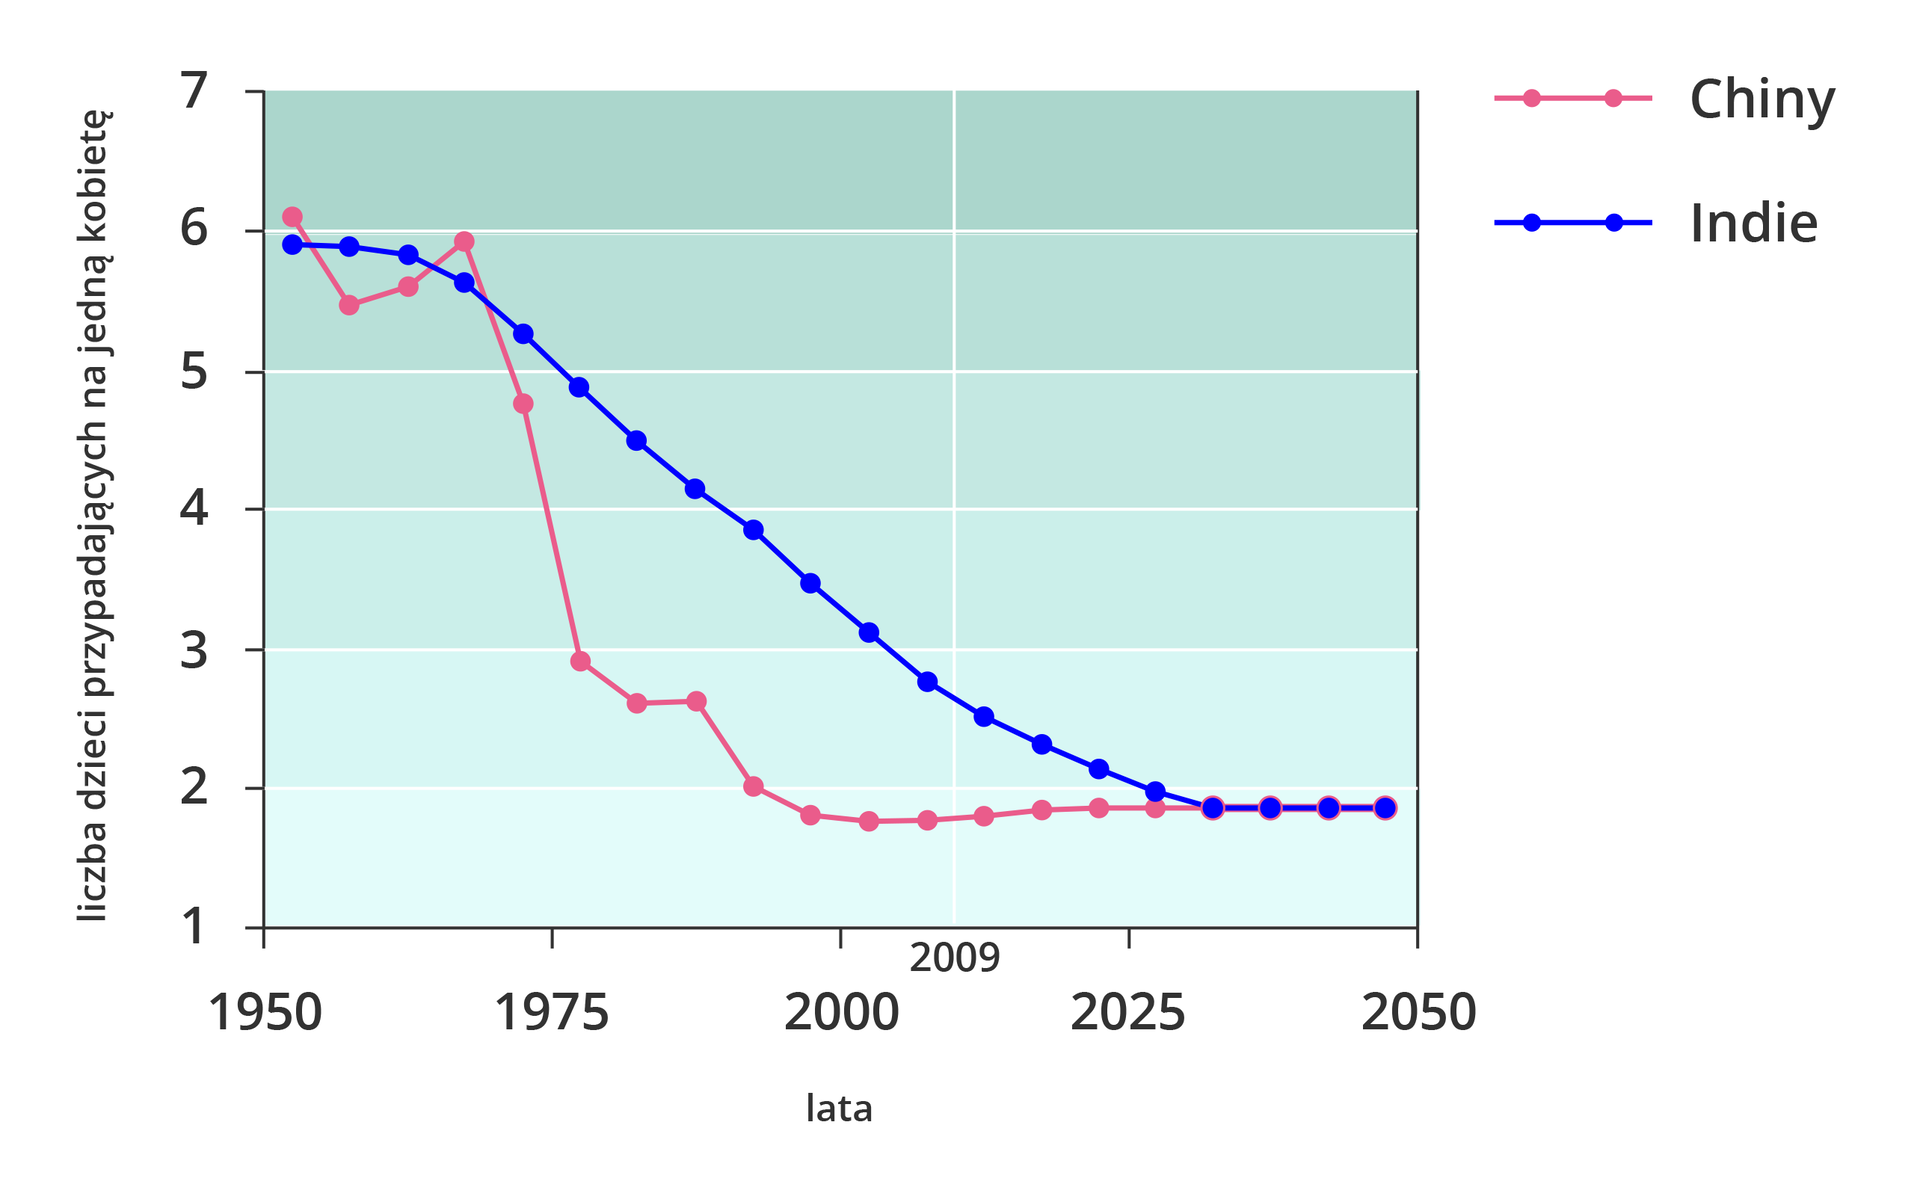 Wykres przedstawiający liczbę dzieci przypadających na jedną kobietę wIndiach iChinach wlatach tysiąc dziewięćset pięćdziesiąt dwa tysiące pięćdziesiąt. Dwie kolorowe linie, tendencja malejąca. Chiny, na początku wartość sześć, potem wykres spada ostro, osiąga stałą wartość około dwa wroku dwutysięcznym. Indie na początku wartość sześć, wartości maleją łagodnie, od dwa tysiące dwudziestego piątego wartość stała, dwa.